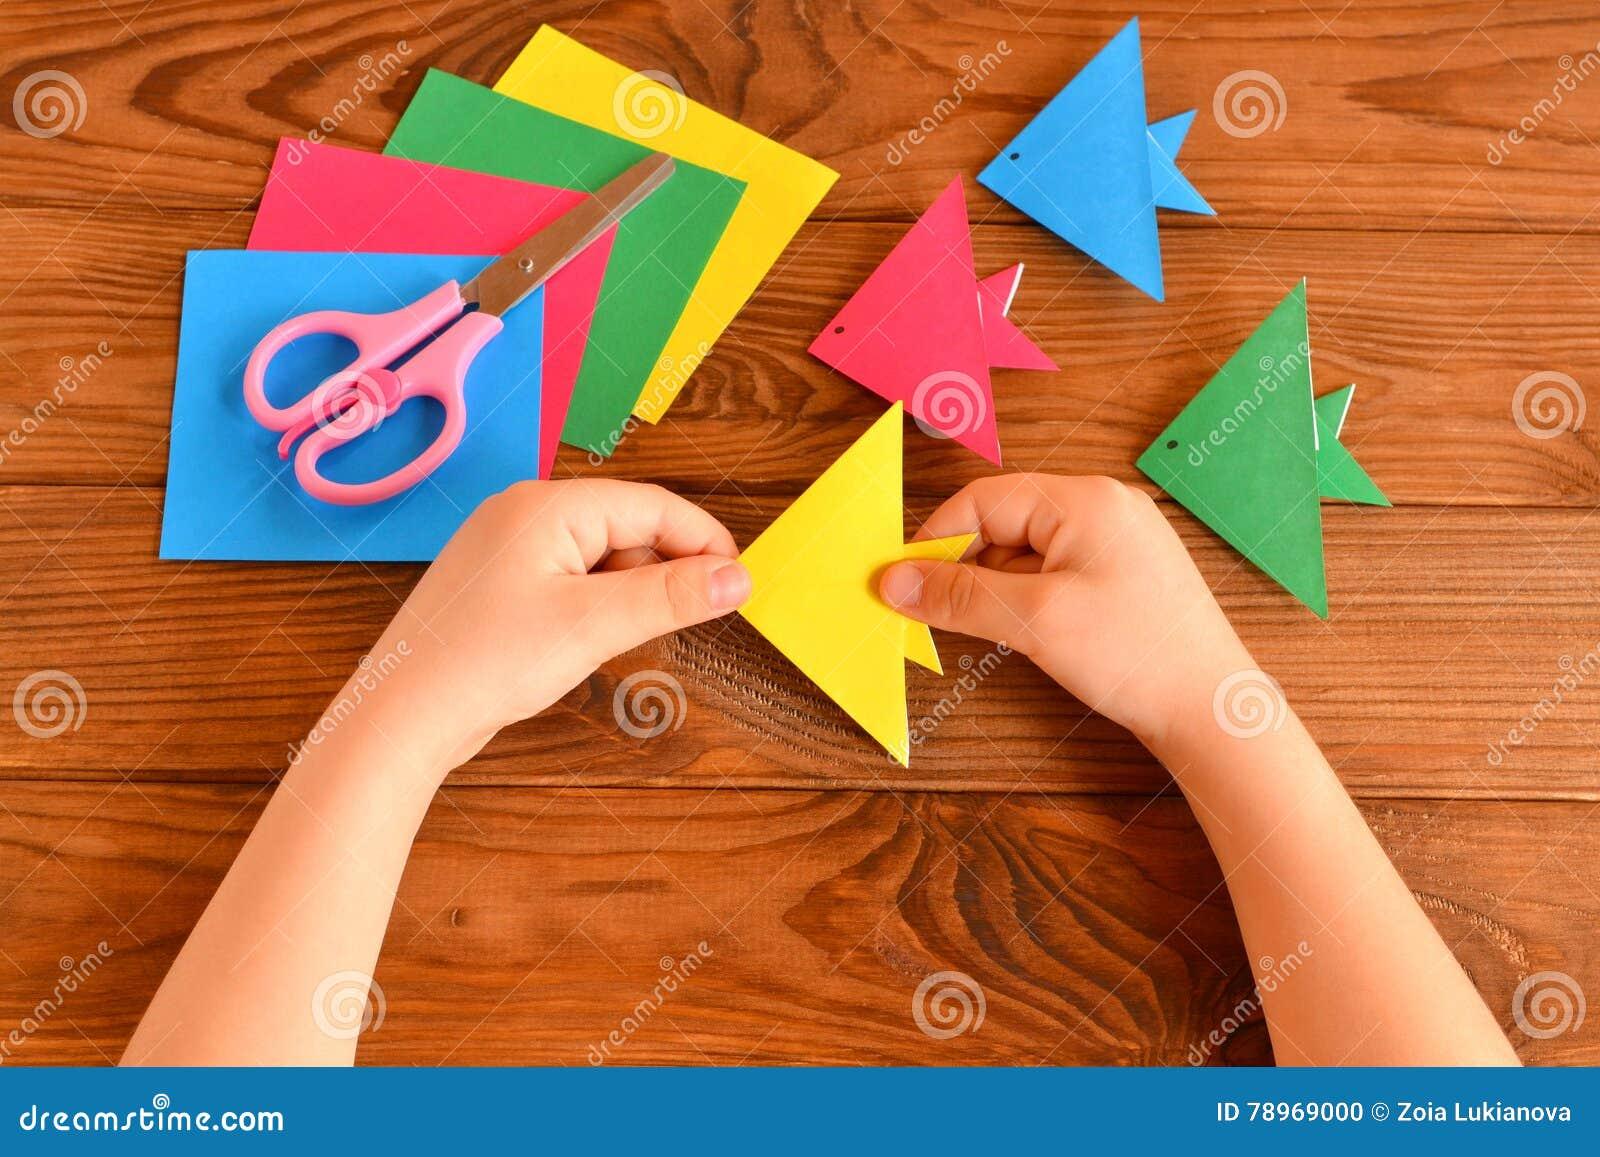 Поделки ребенка из хобби бумаги